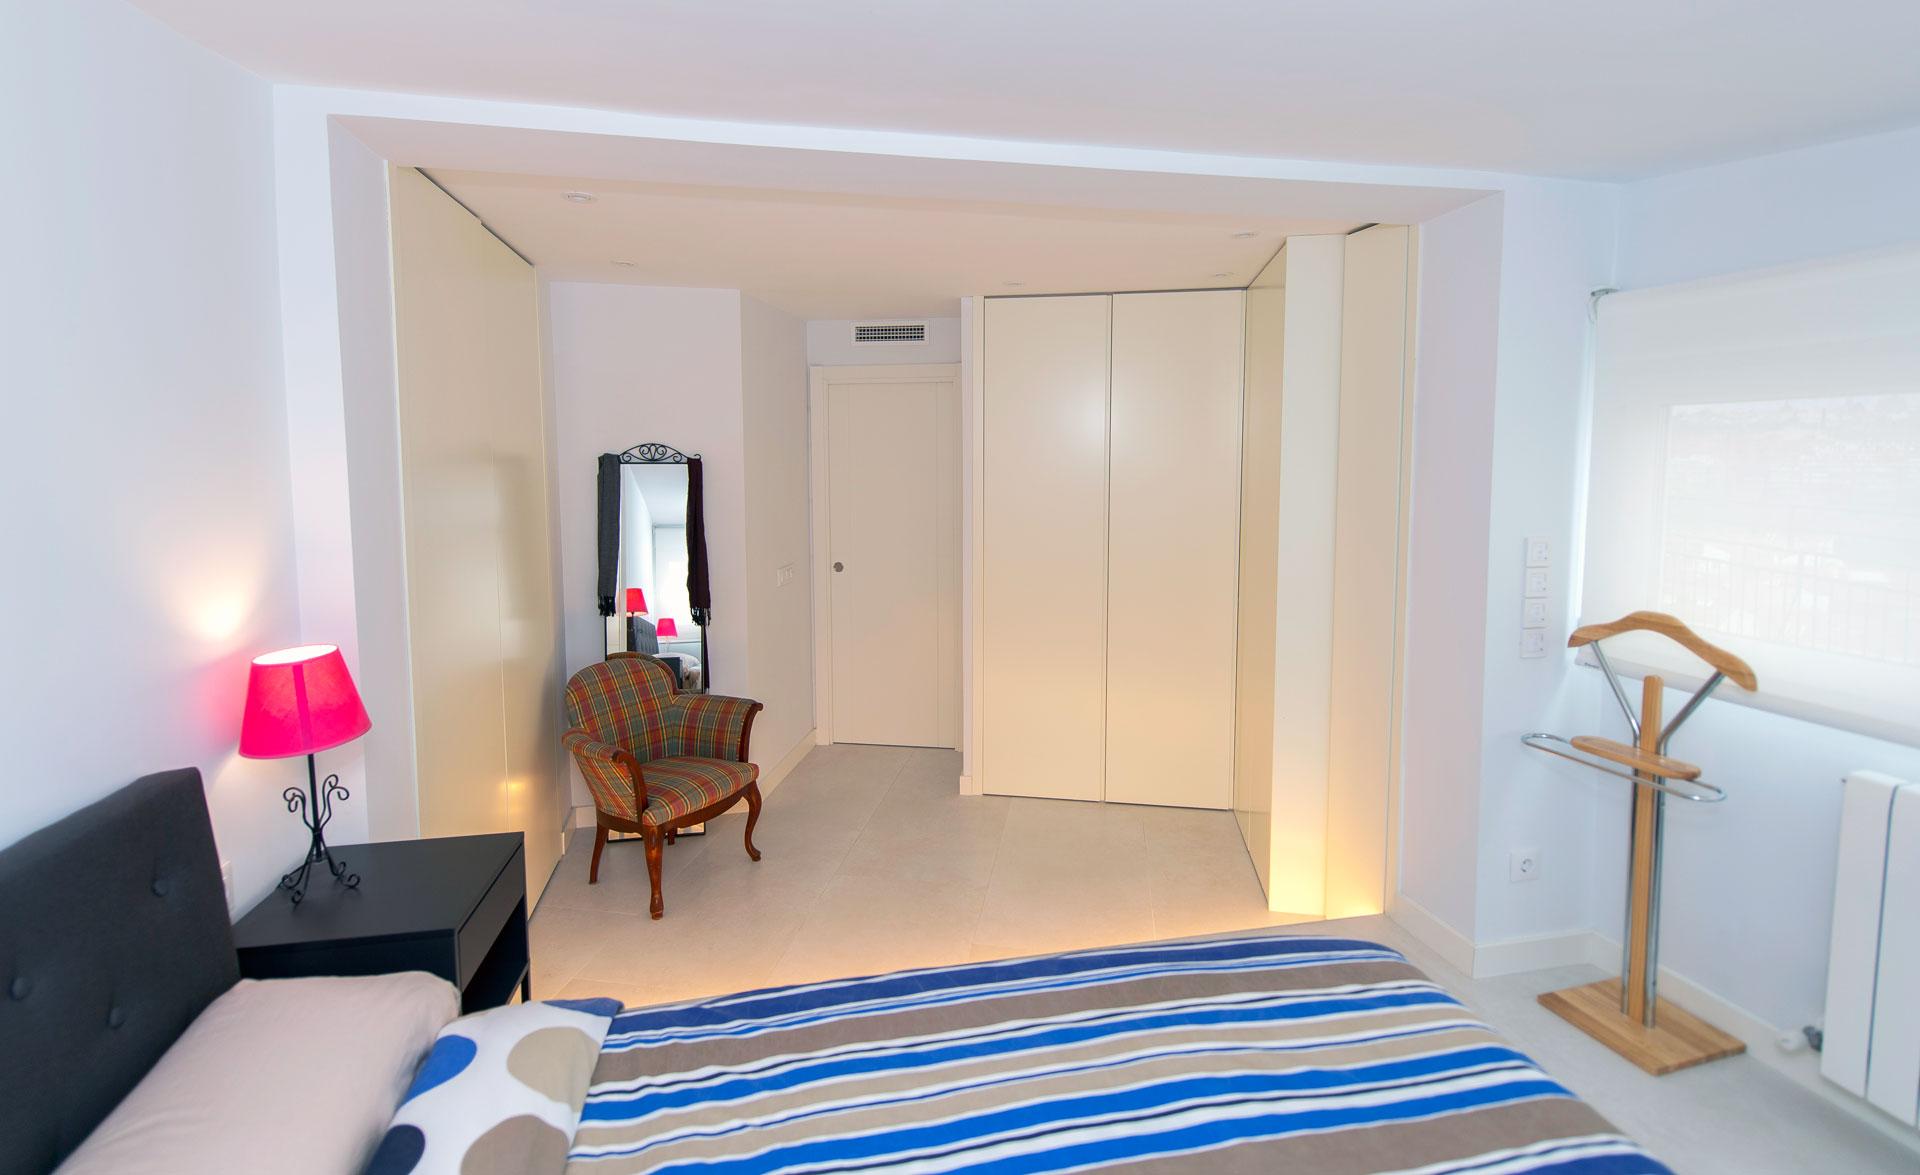 Dormitorio-bano-comillas-madrid